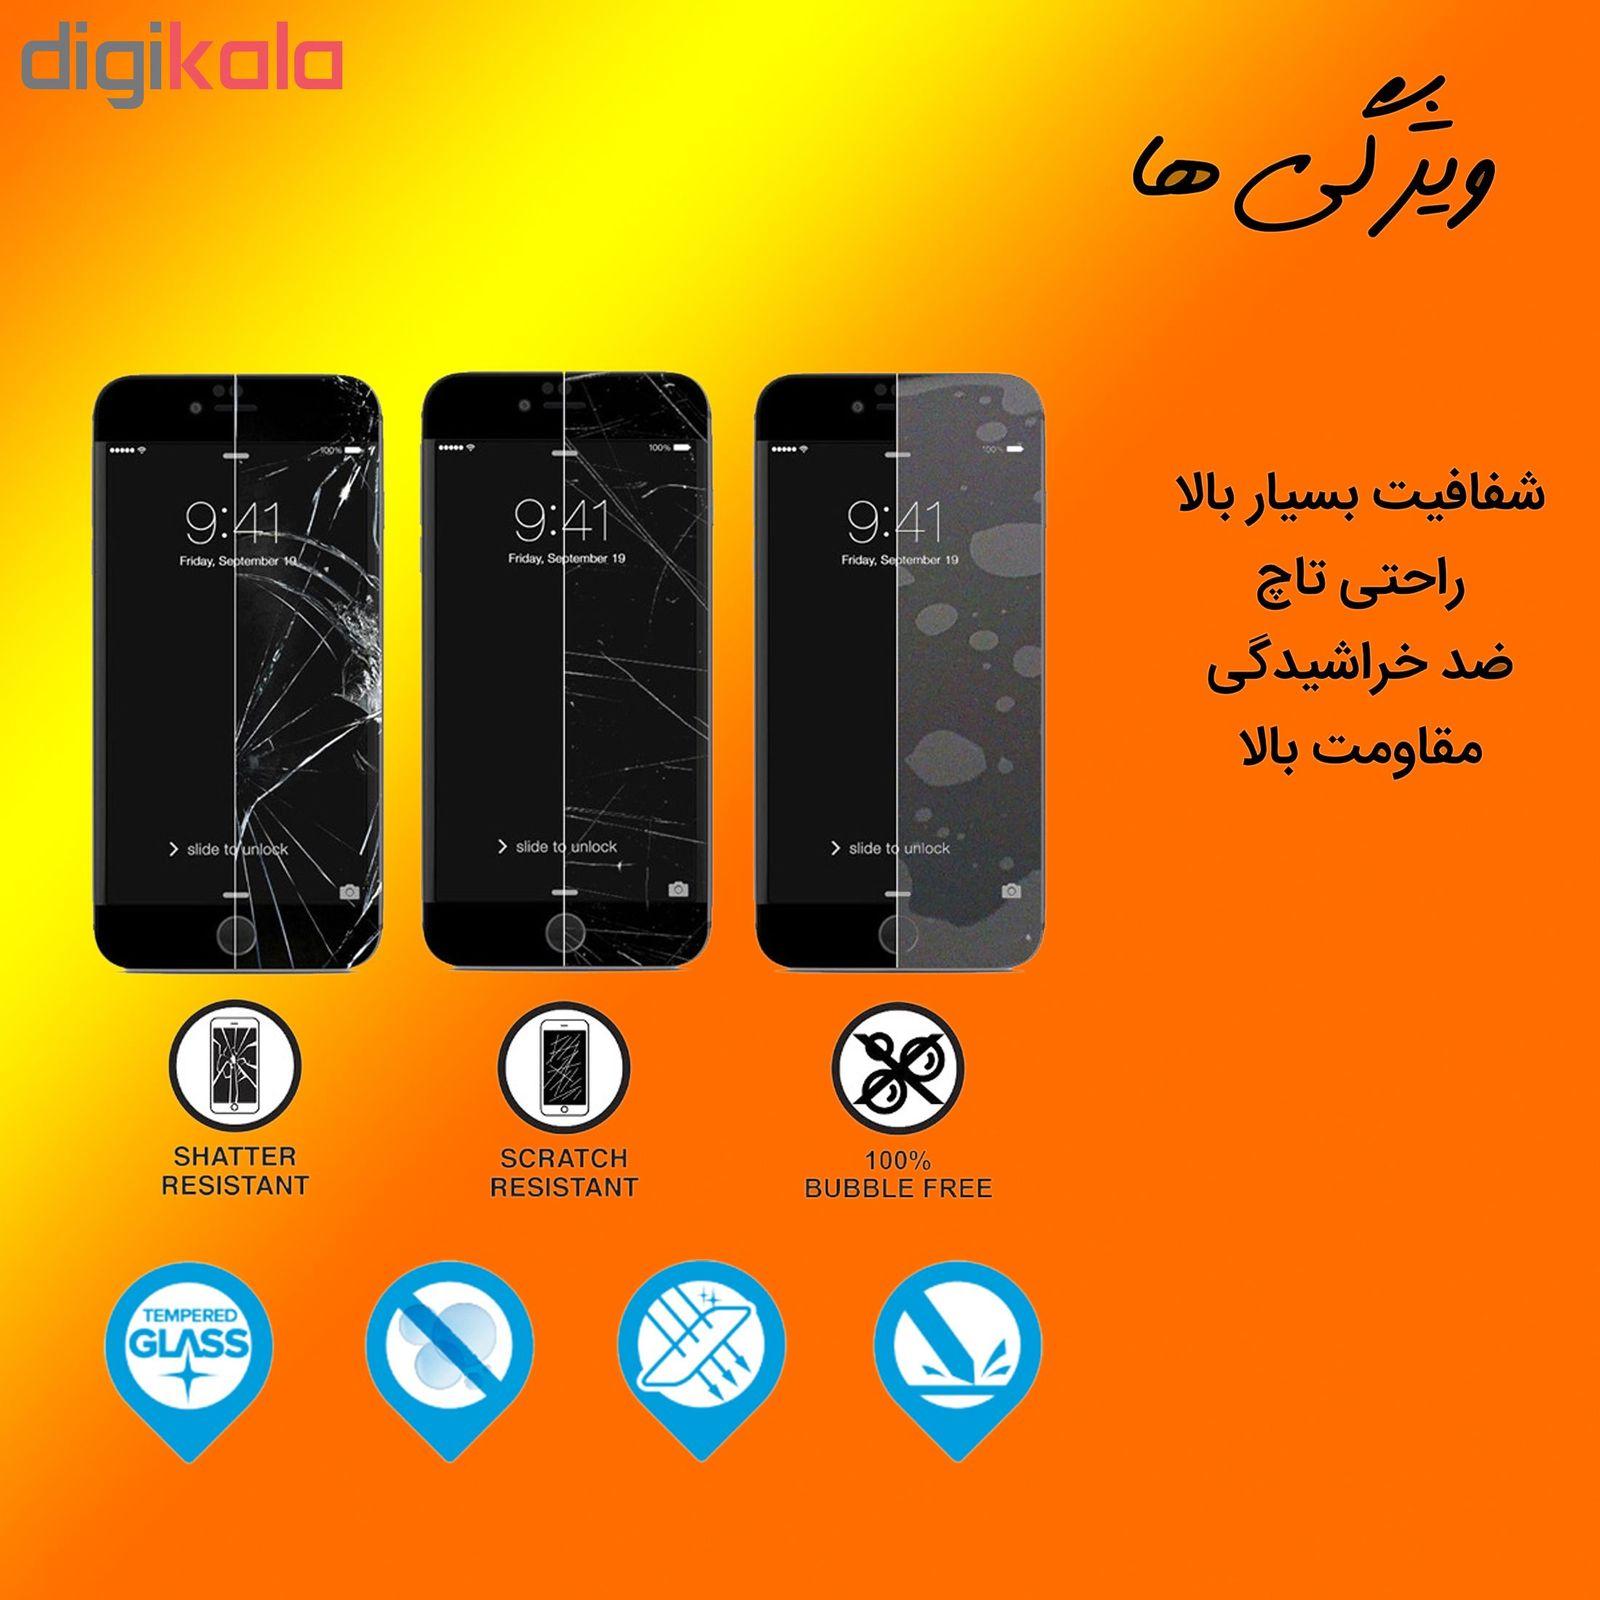 محافظ صفحه نمایش Hard and thick مدل F-001 مناسب برای گوشی موبایل سامسونگ Galaxy S10 plus main 1 2